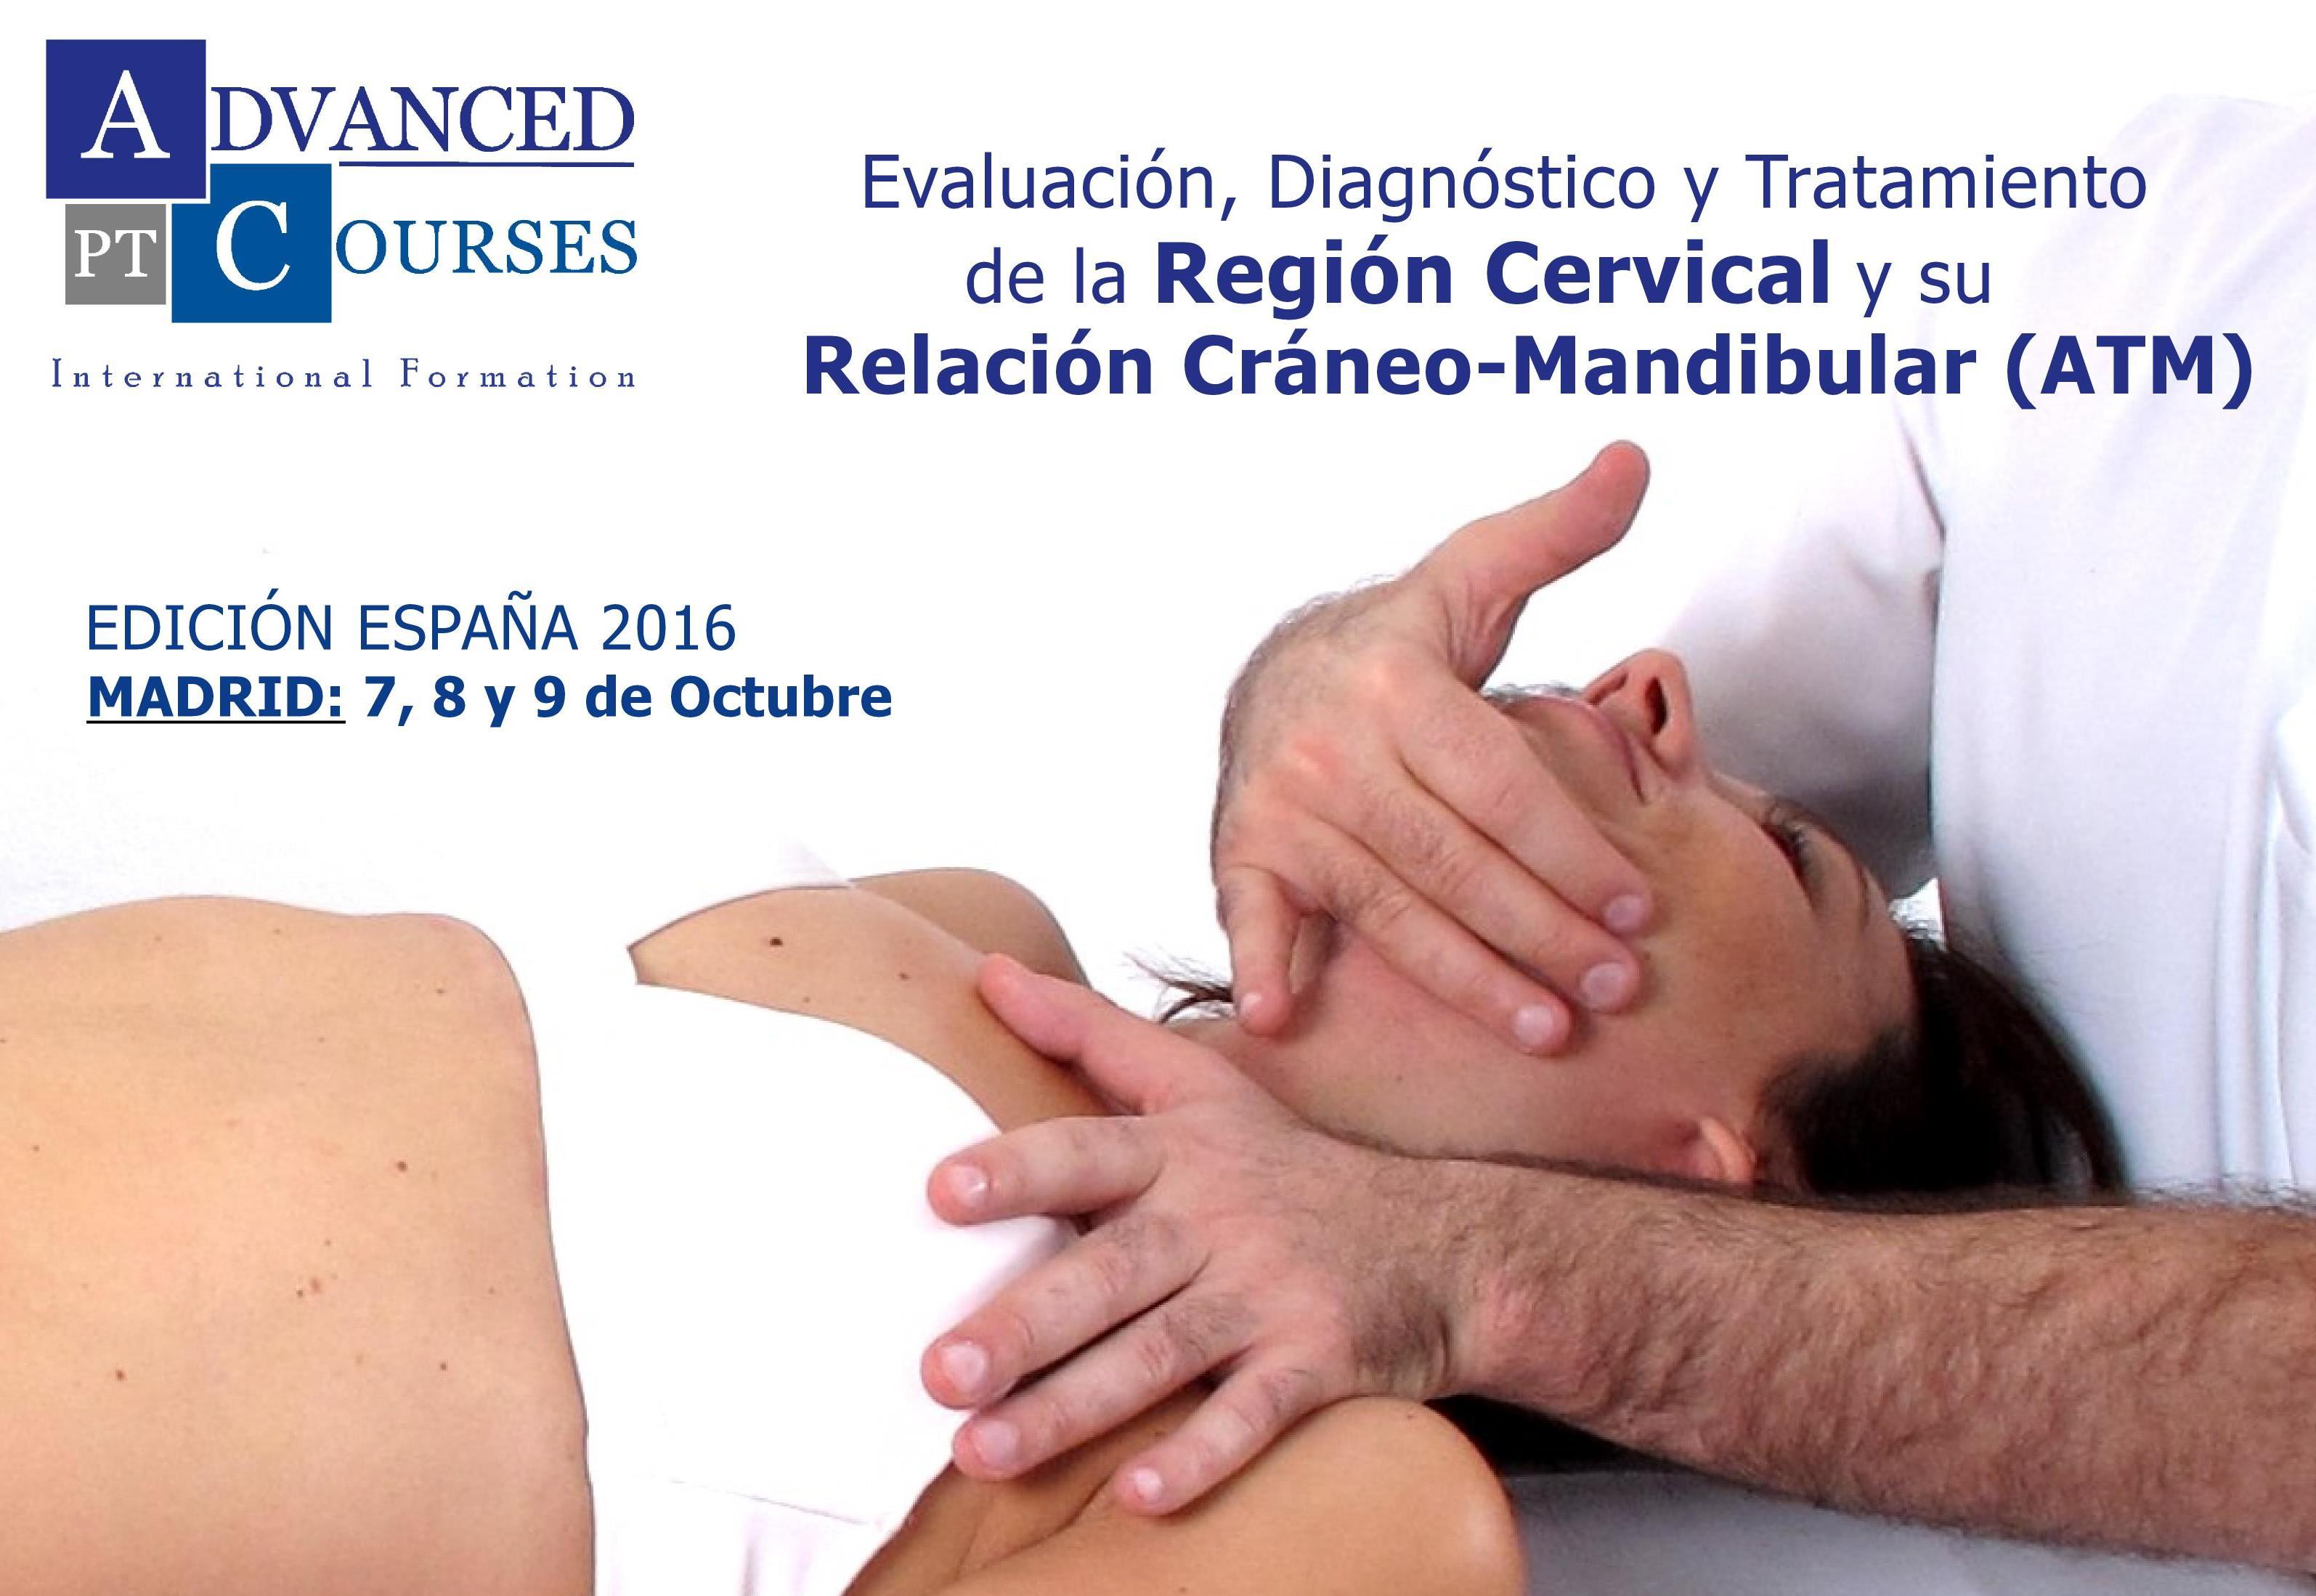 Exploración, Diagnóstico y Tratamiento de la Región Cervical y su Relación Cráneo-Mandibular (ATM)